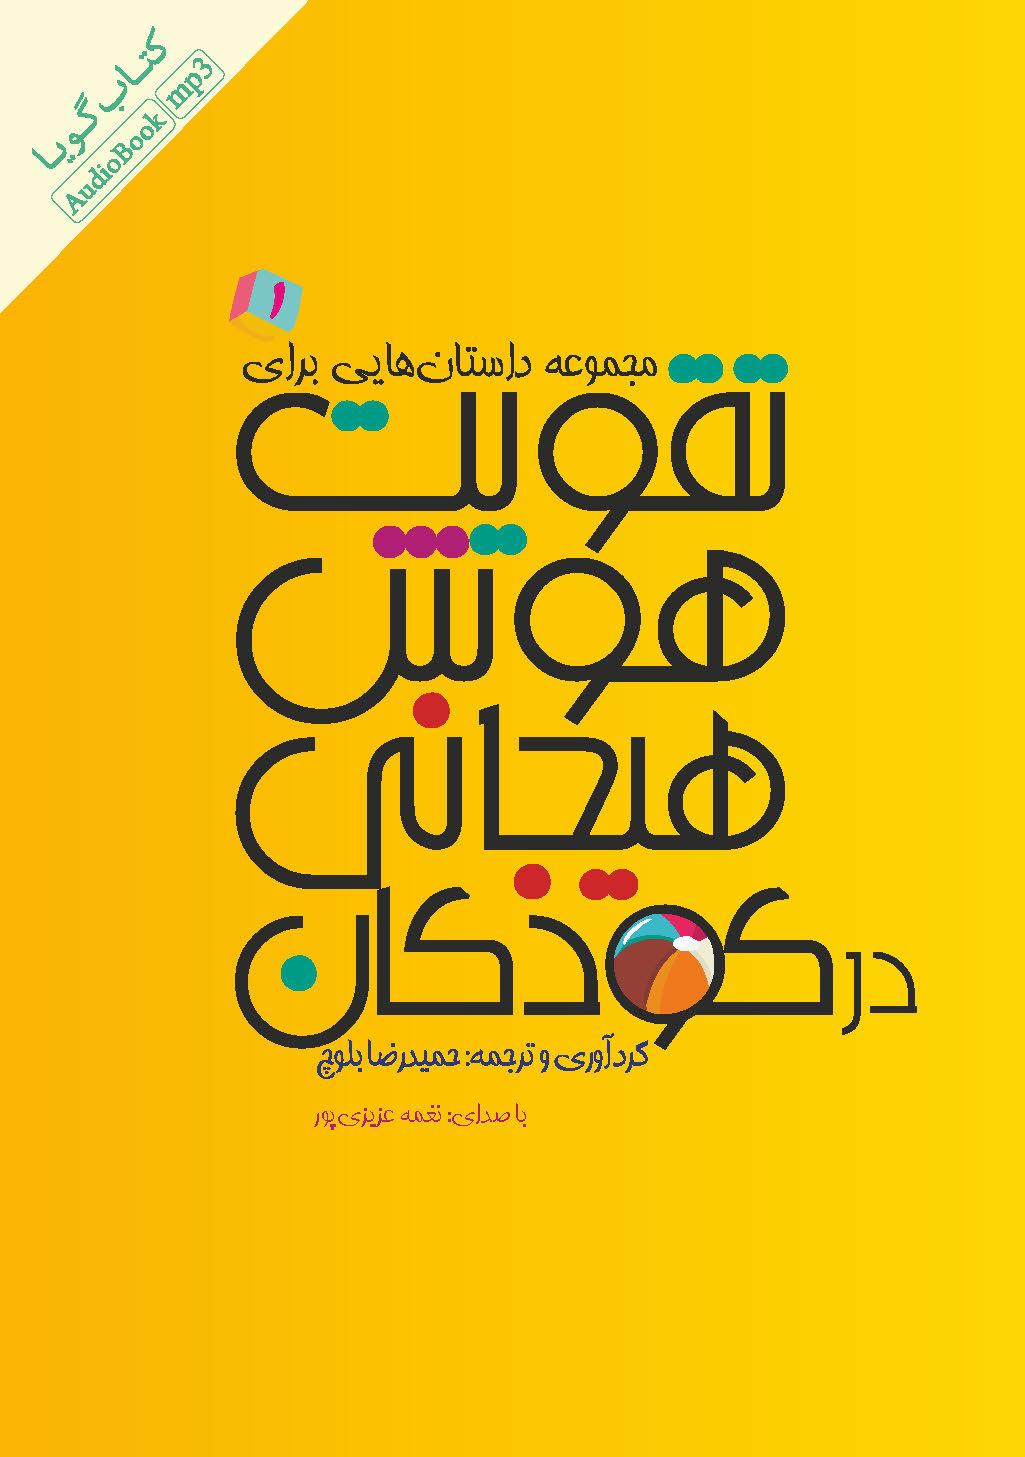 کتاب صوتی مجموعه داستانهایی برای تقویت هوش هیجانی در کودکان ۱